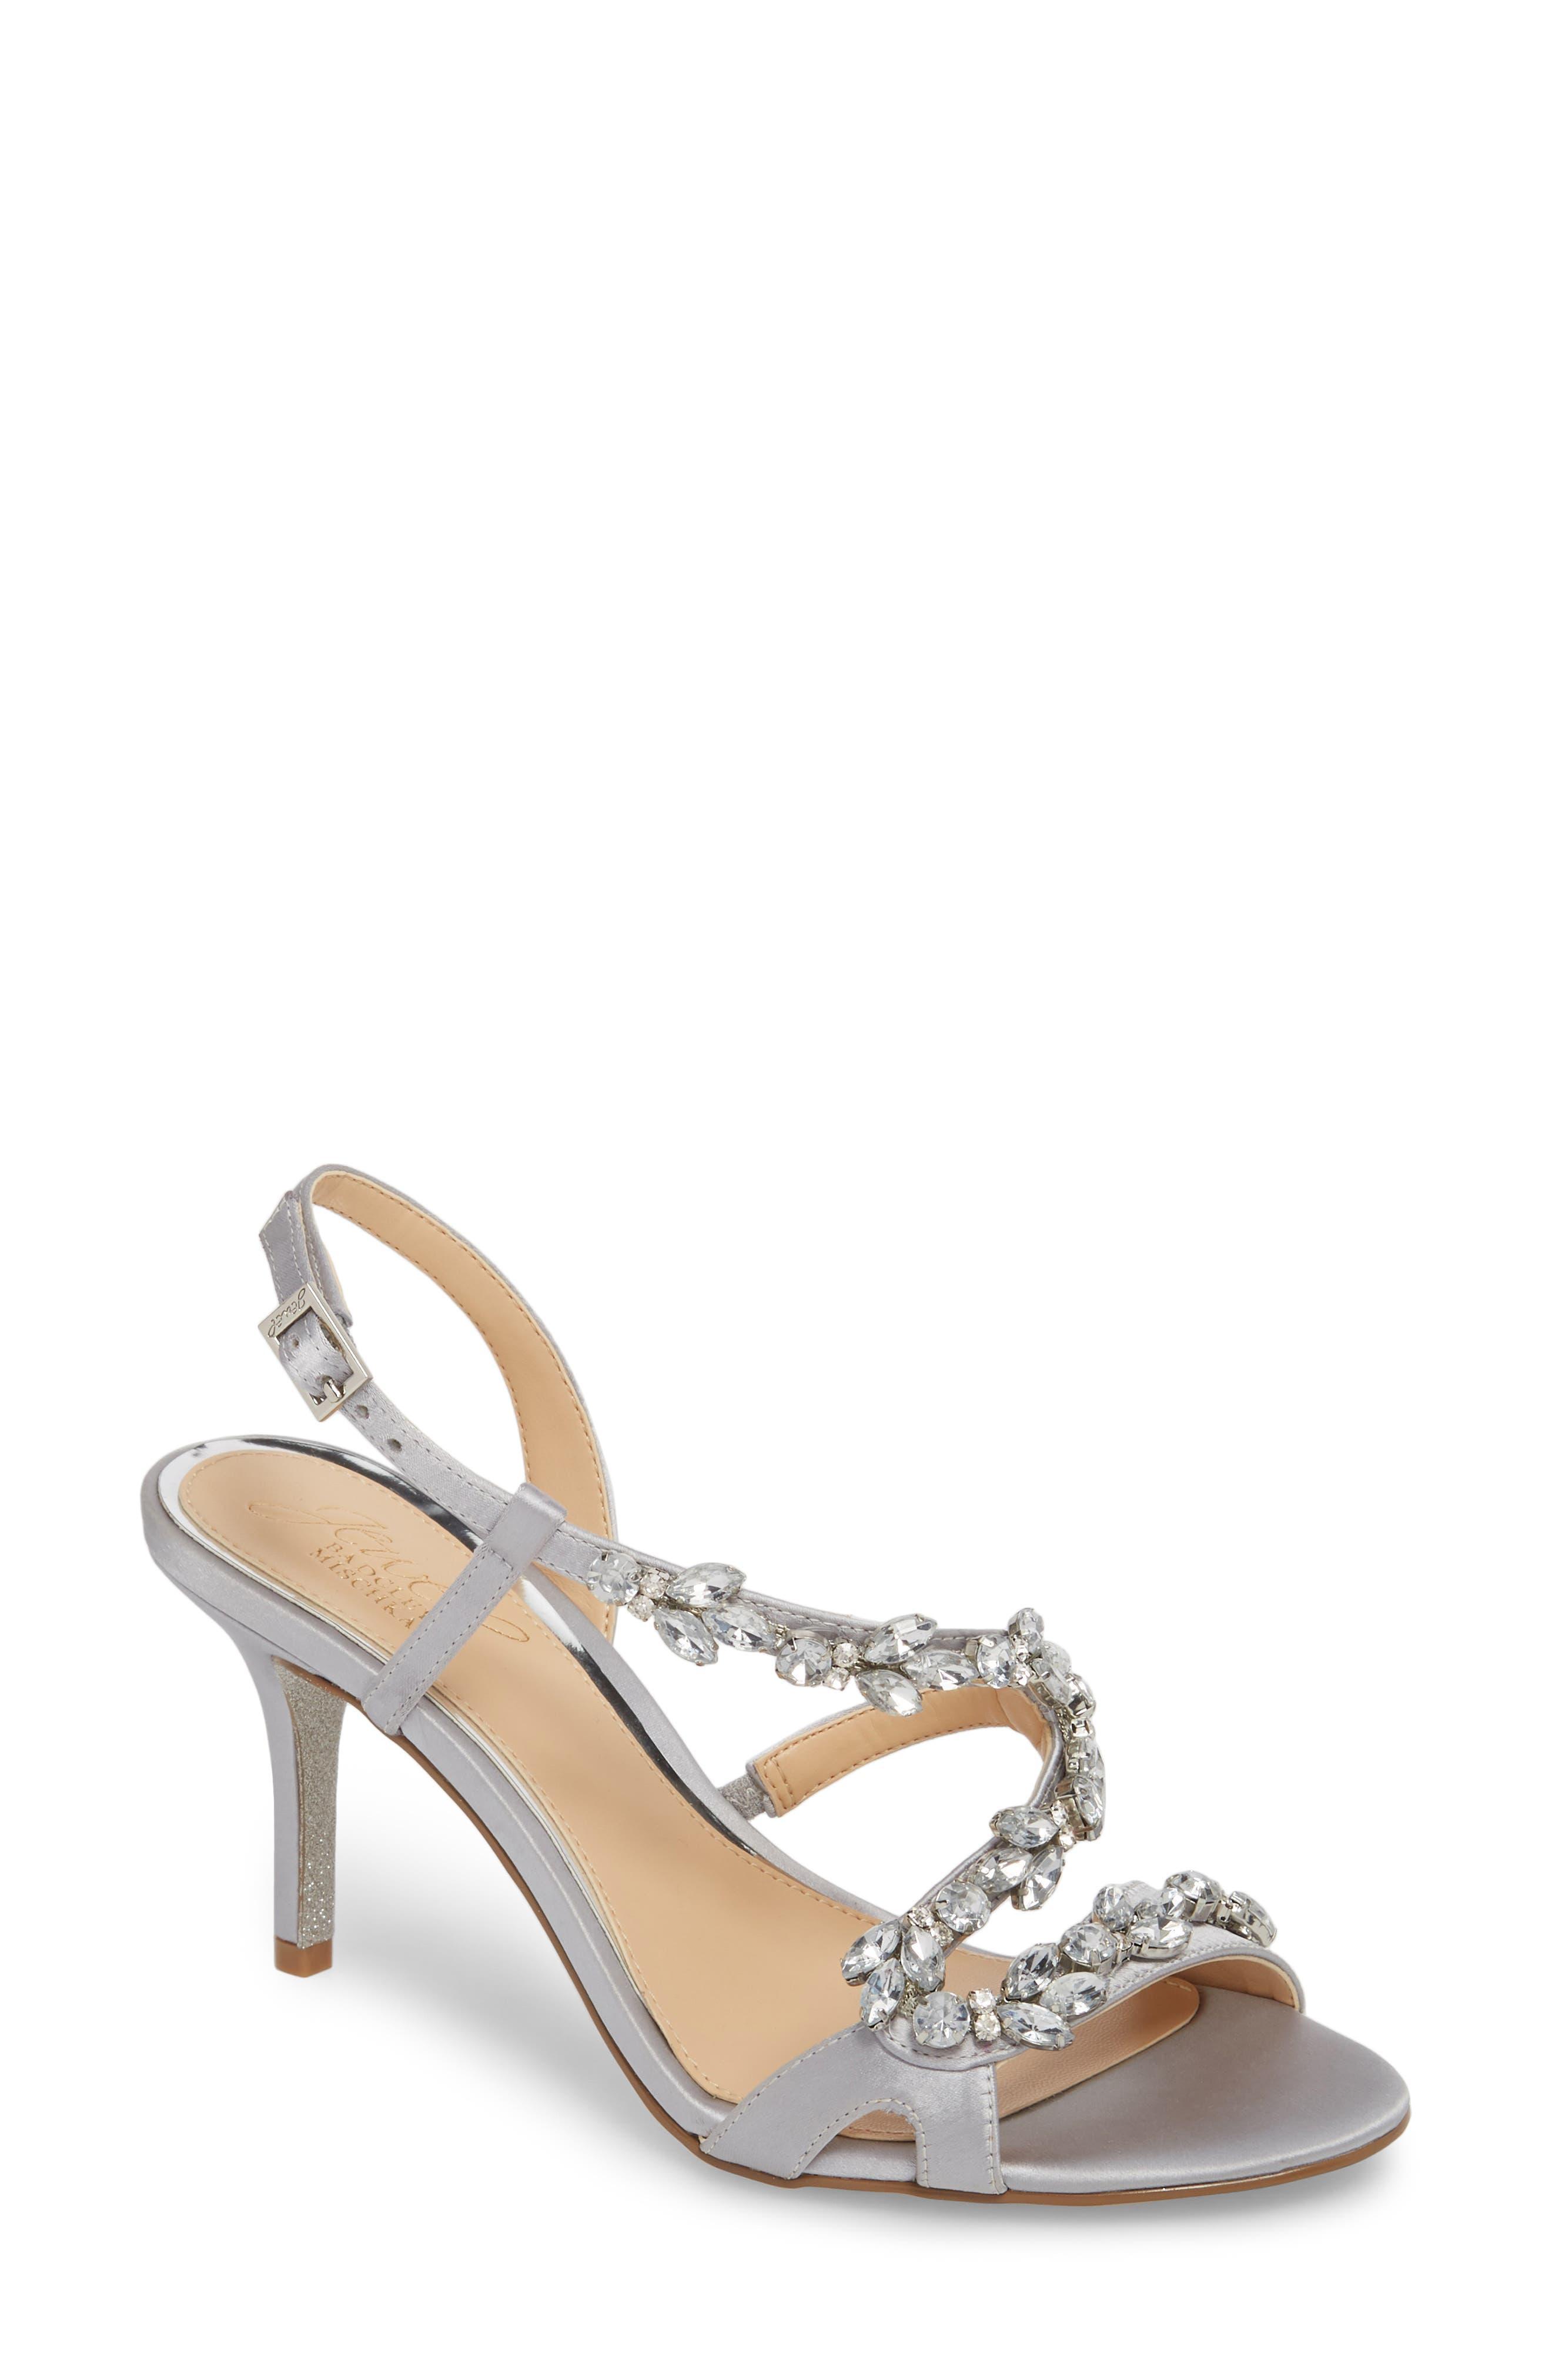 Badgley Mischka Ganet Embellished Sandal,                         Main,                         color, Silver Satin